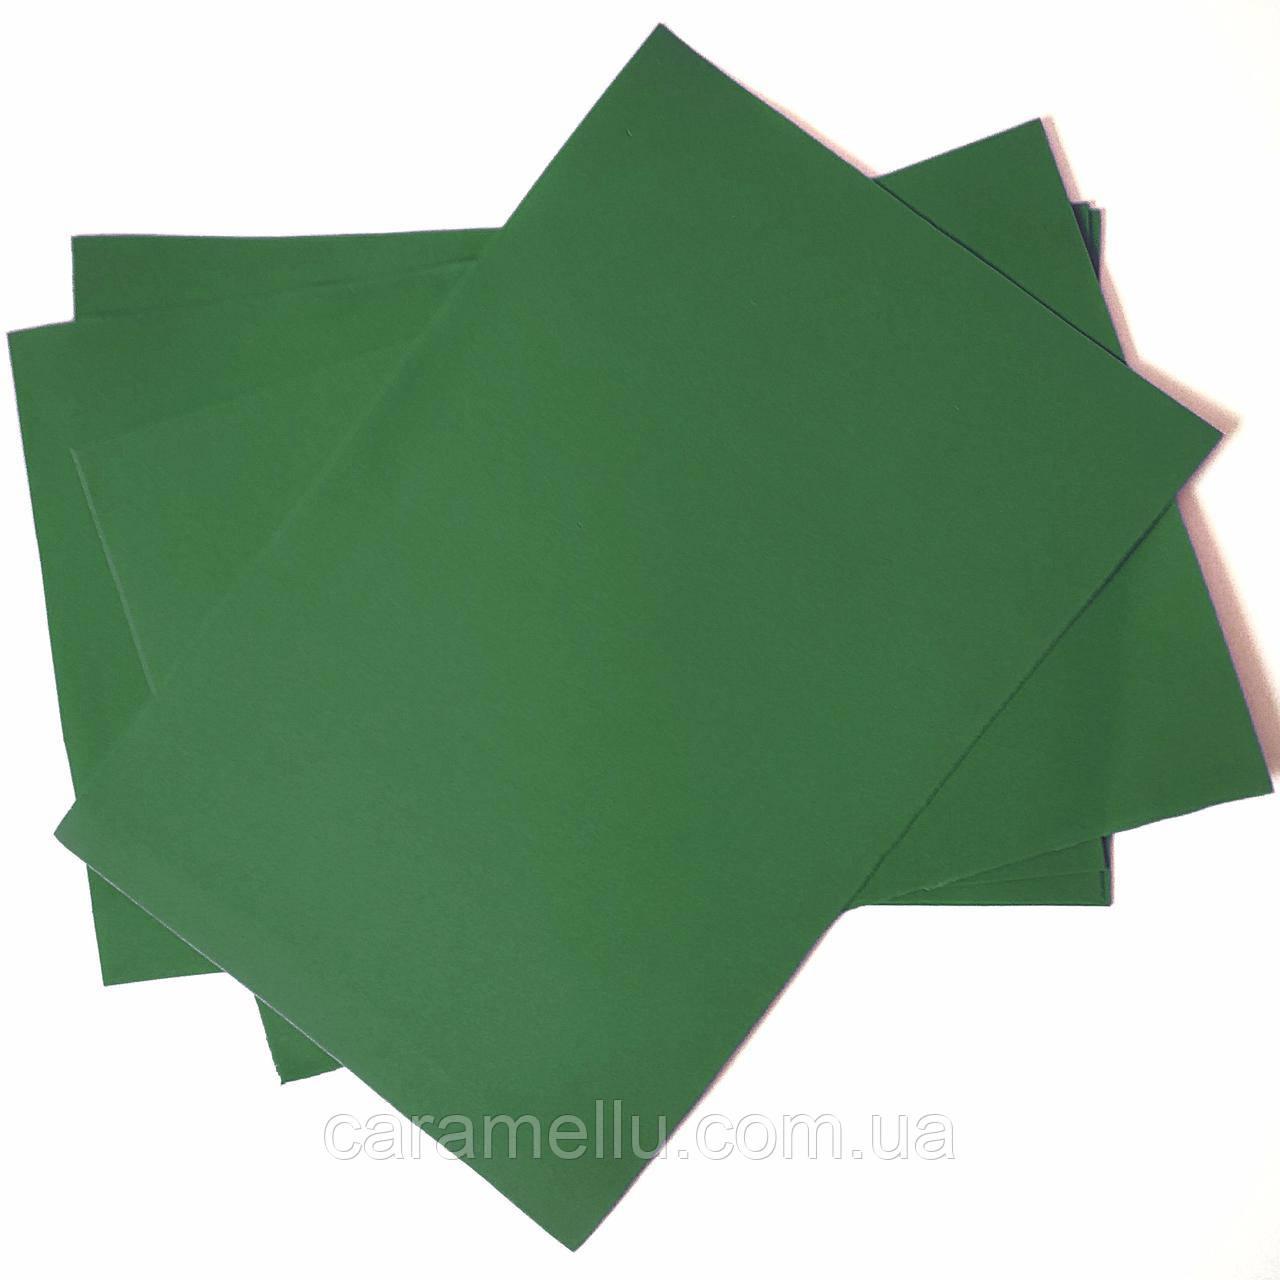 Фоамиран Зефирный Темно-зеленый, 1мм, 20×30см А4.